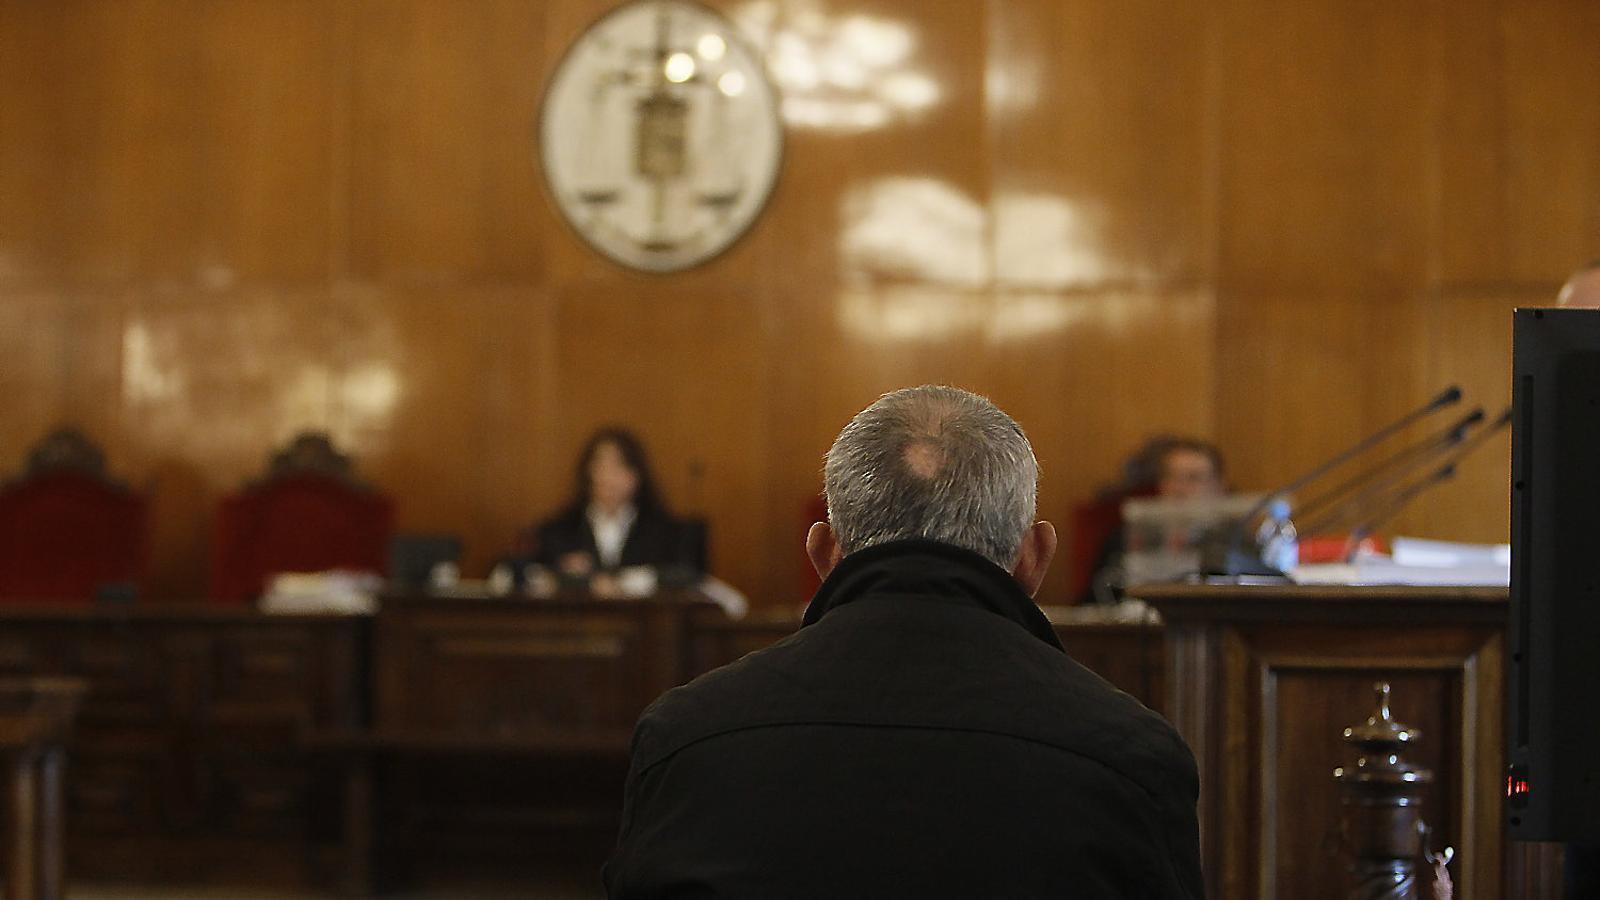 La investigació per denegació d'auxili a Patrascu segueix oberta